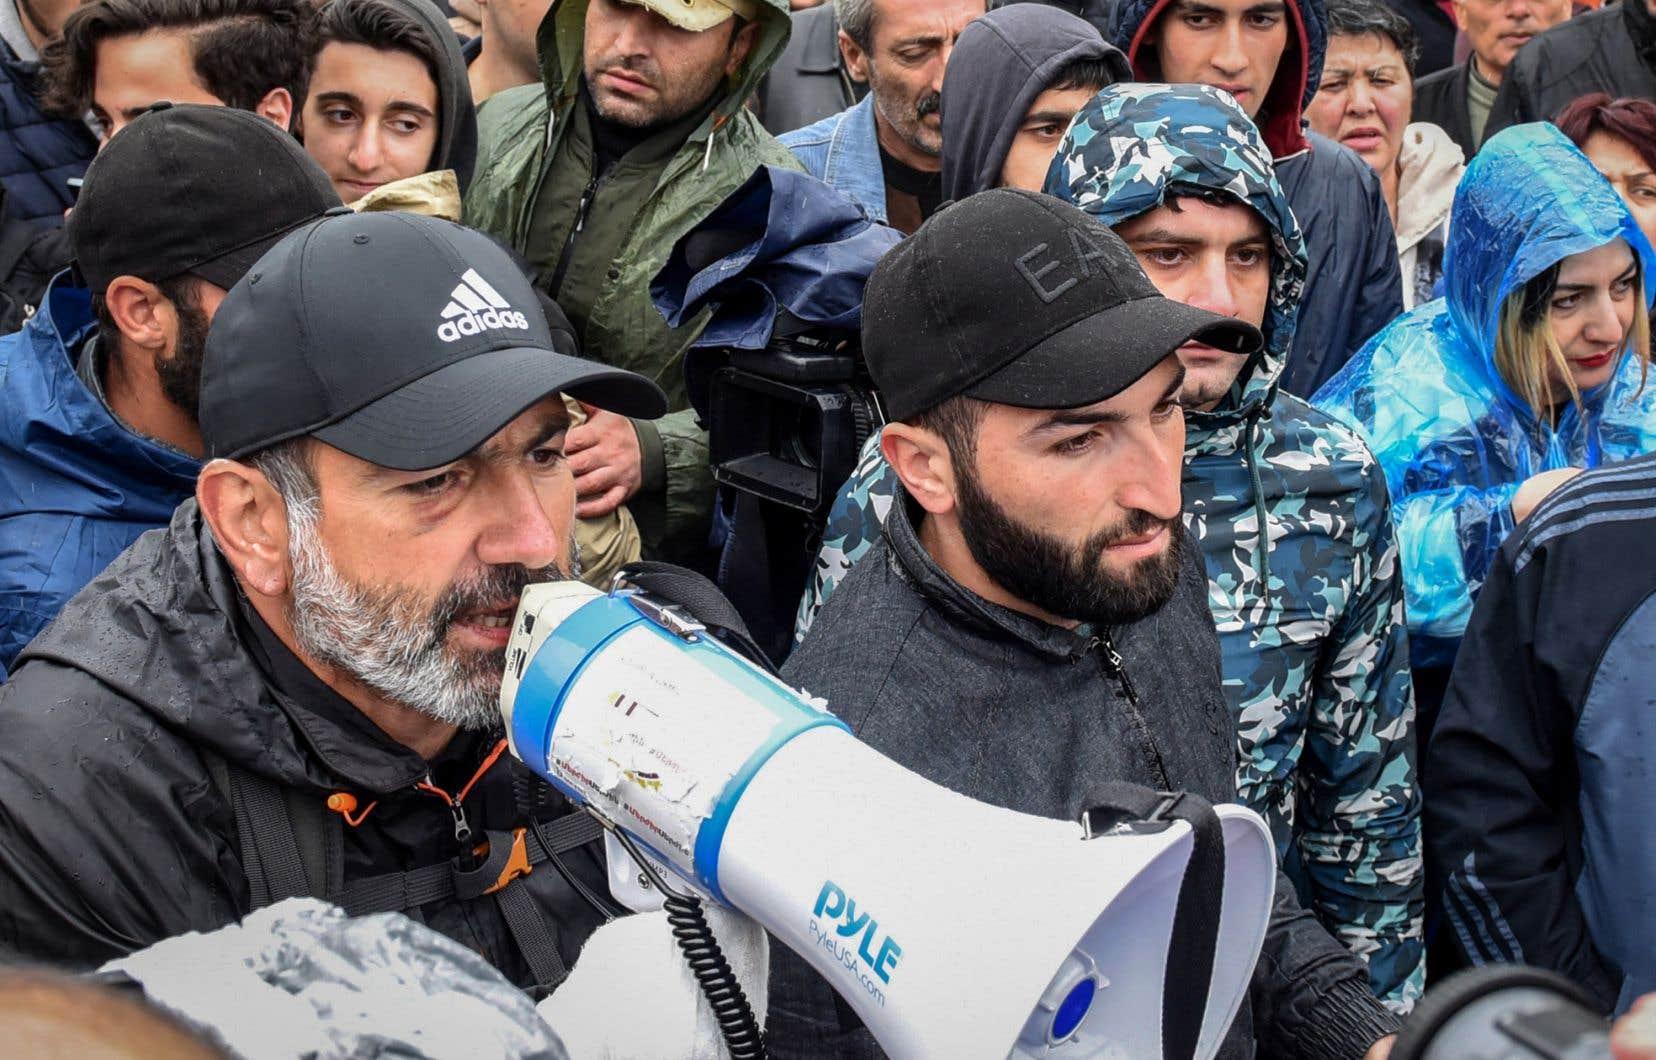 Plusieurs milliers de personnes affluaient dans l'après-midi vers la place de la République, en plein centre d'Erevan, la capitale arménienne.